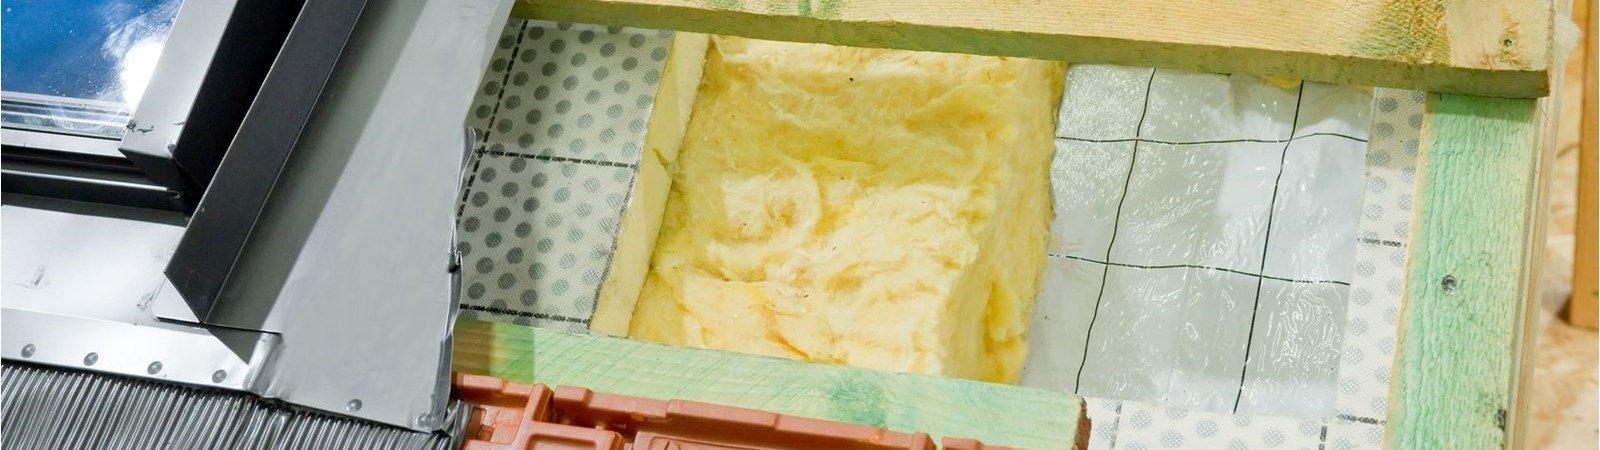 Dachdämmstoffe: Die besten Materialien für wirksame Dachisolierung